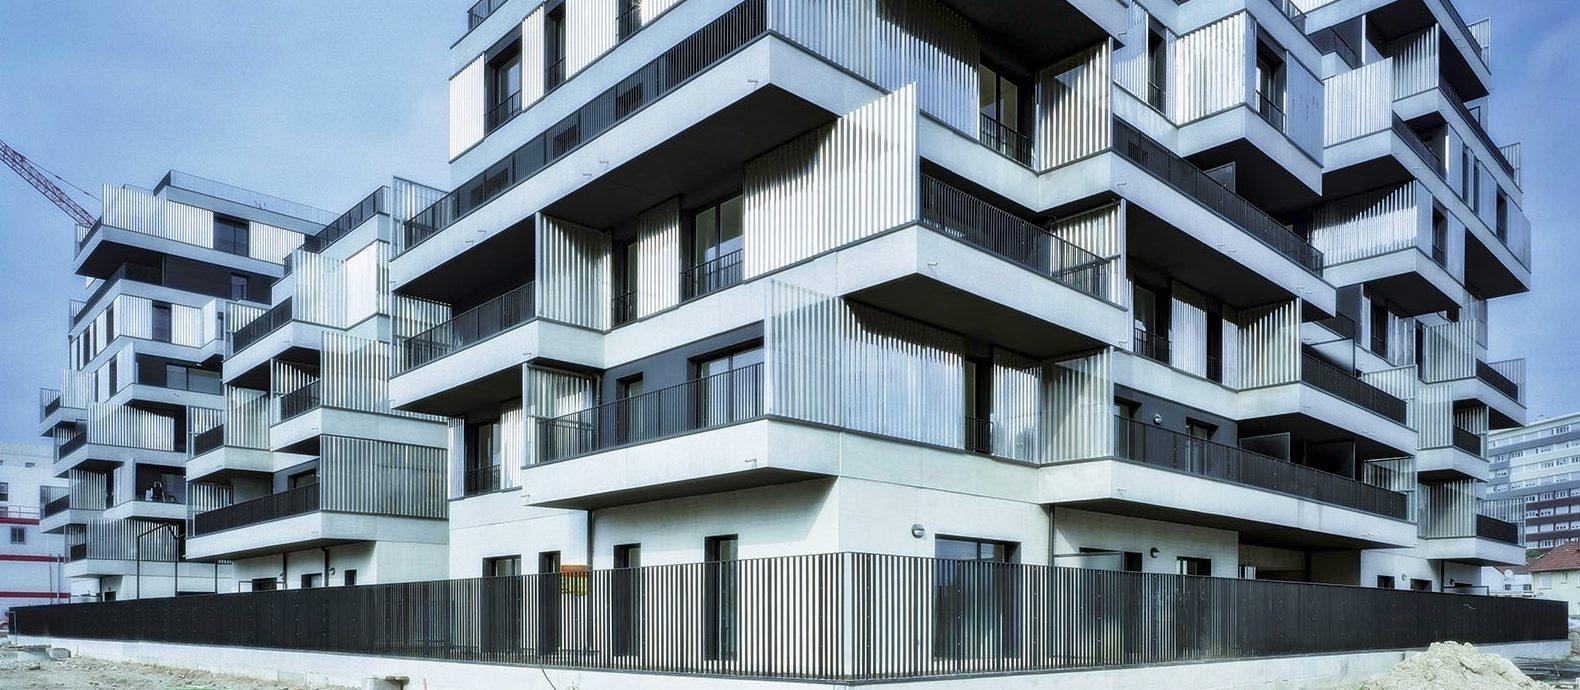 использование нержавеющей стали в архитектуре